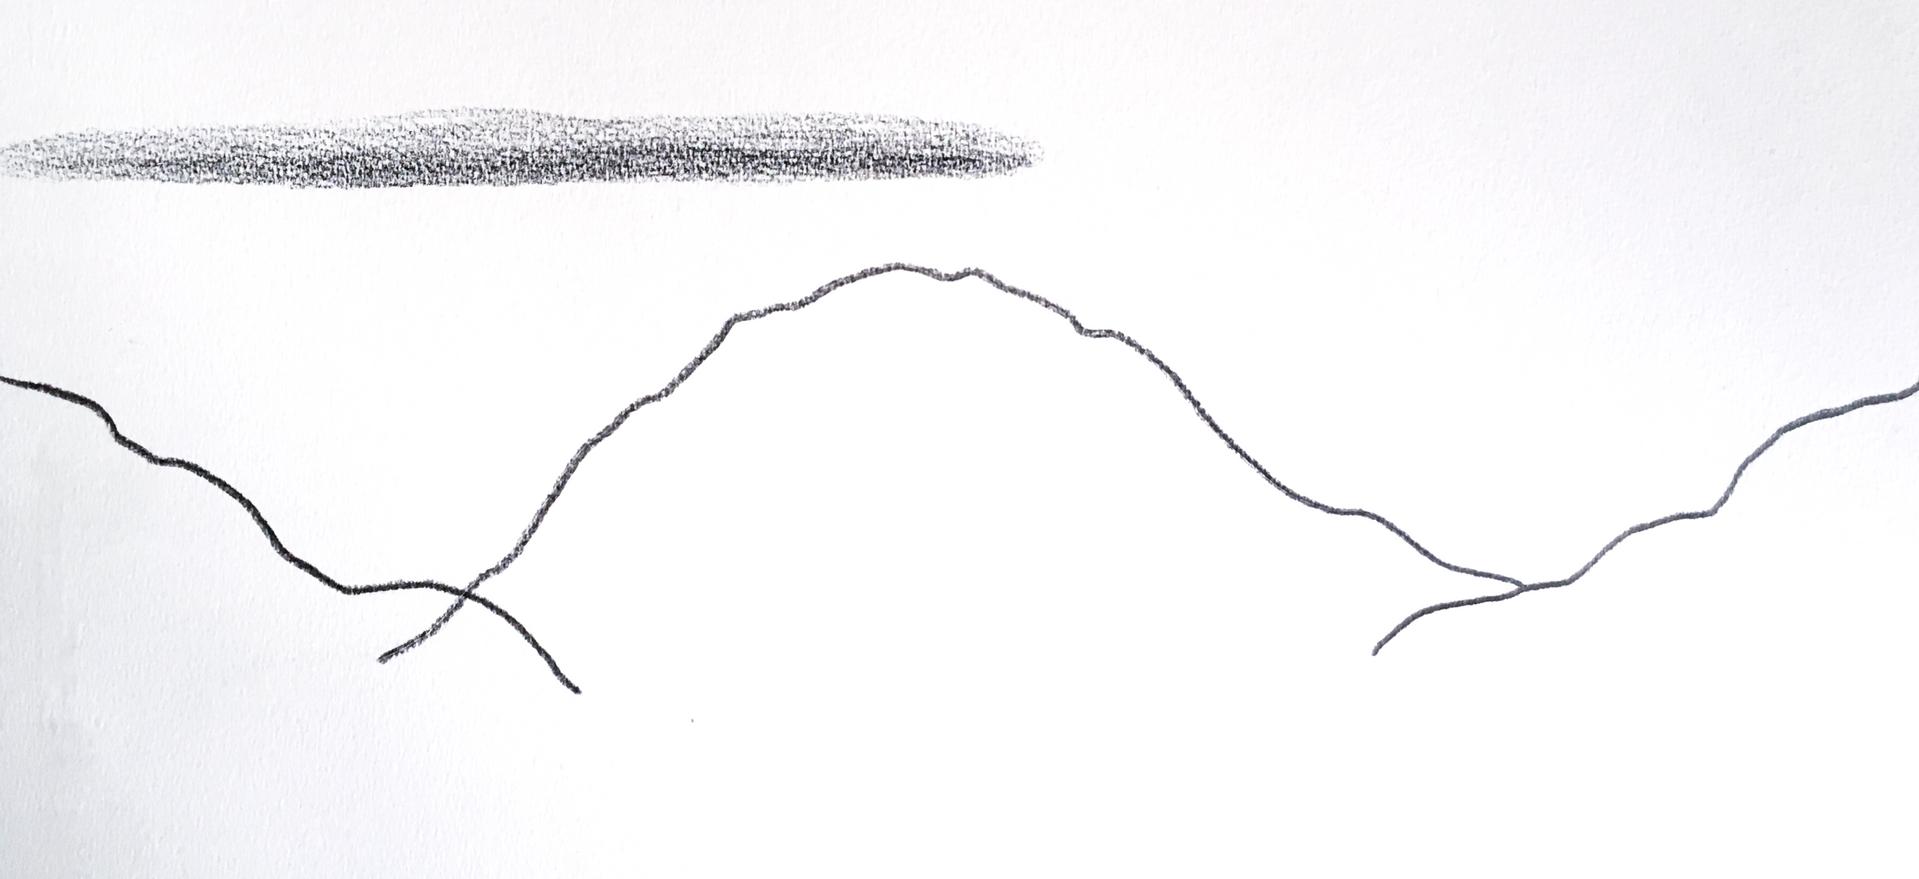 Lago Puelo, 2018, Graphite sur papier, 31 x 50 cm